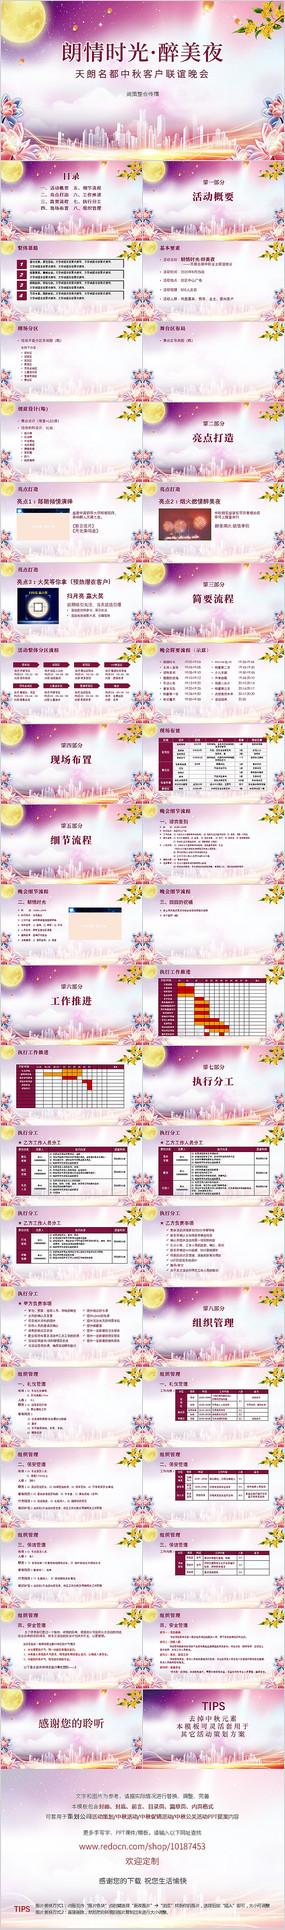 中秋节中秋活动策划方案PPT模板